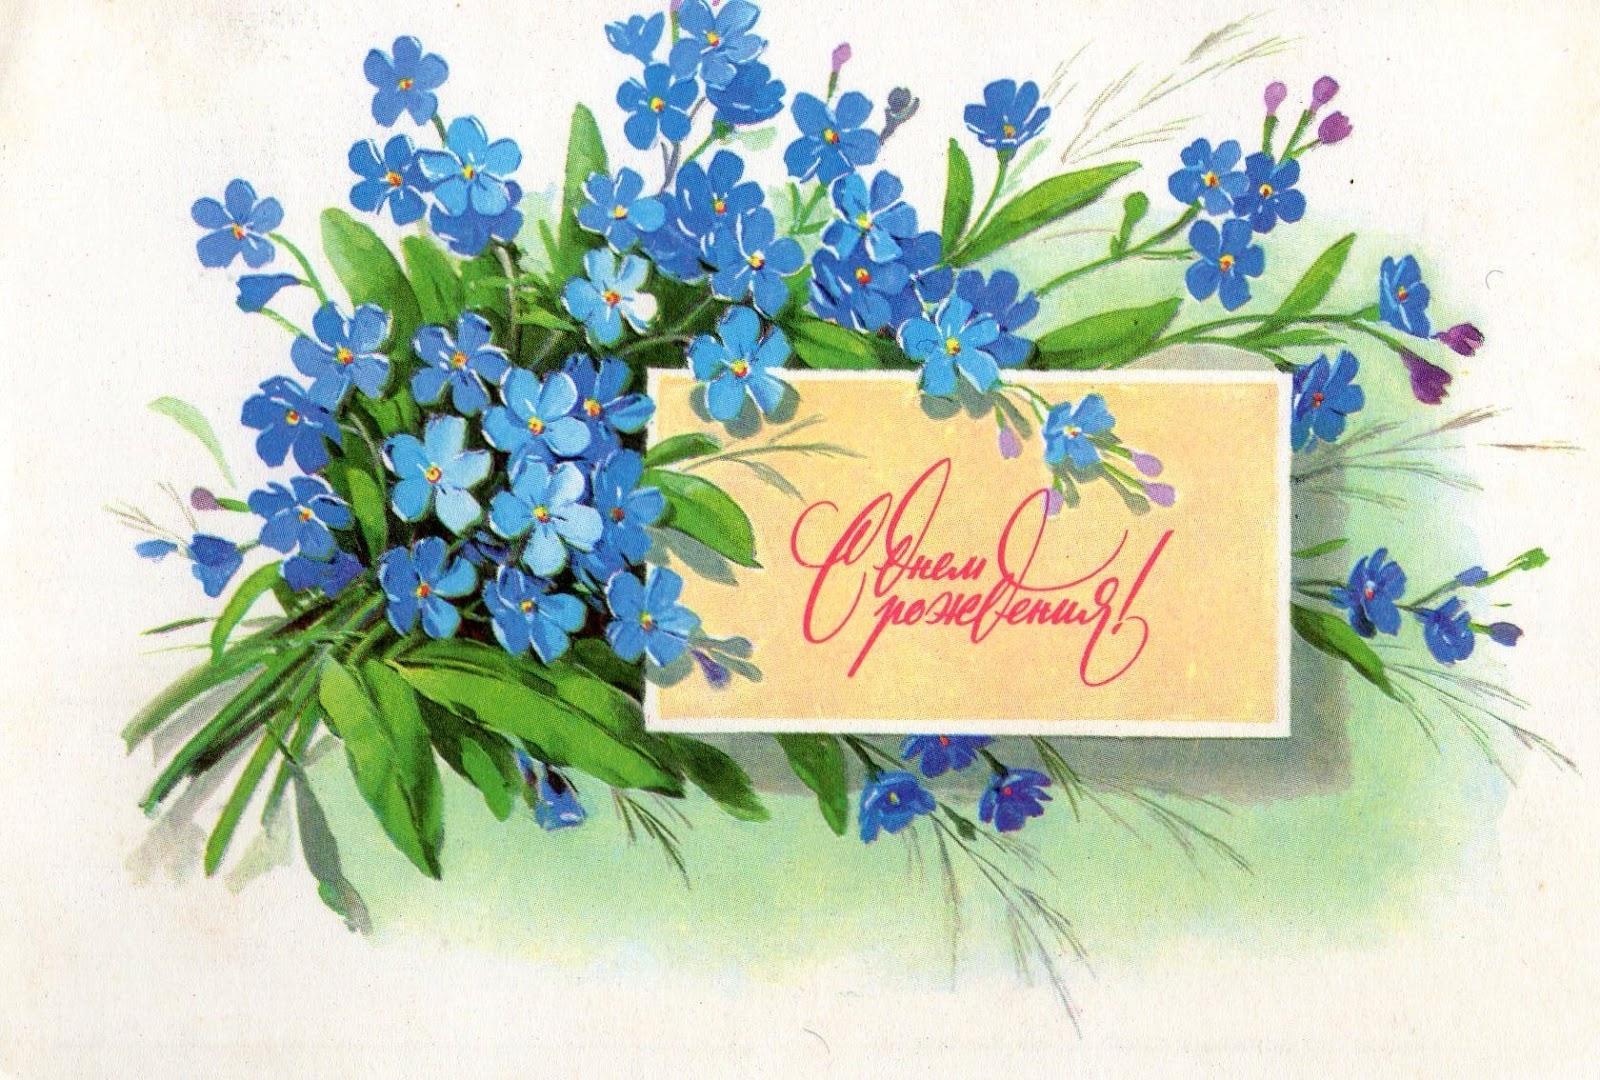 с днем рождения полевые цветы фото